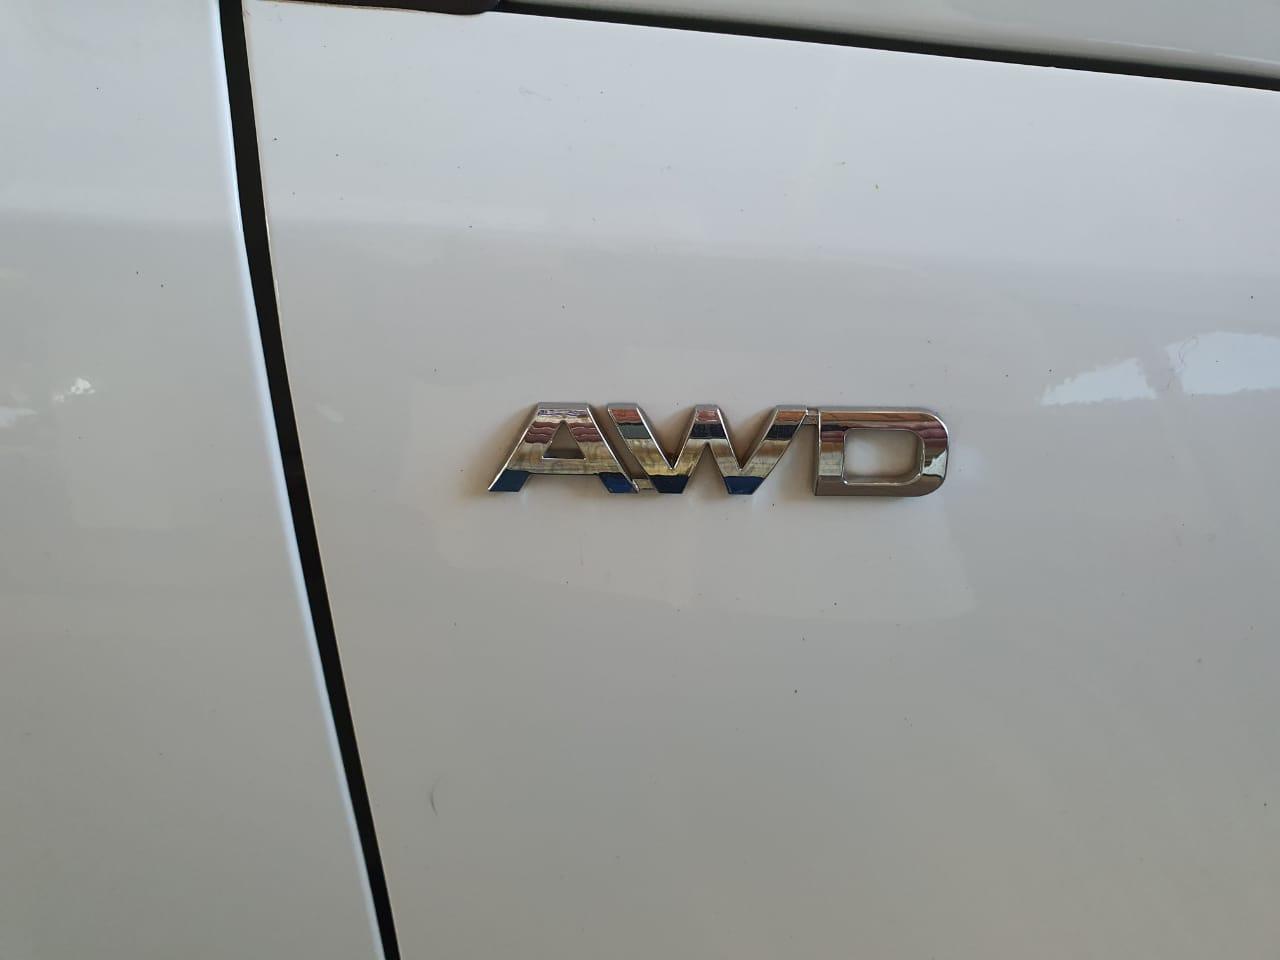 2013 KIA SPORTAGE 2.0 CRDi AWD full